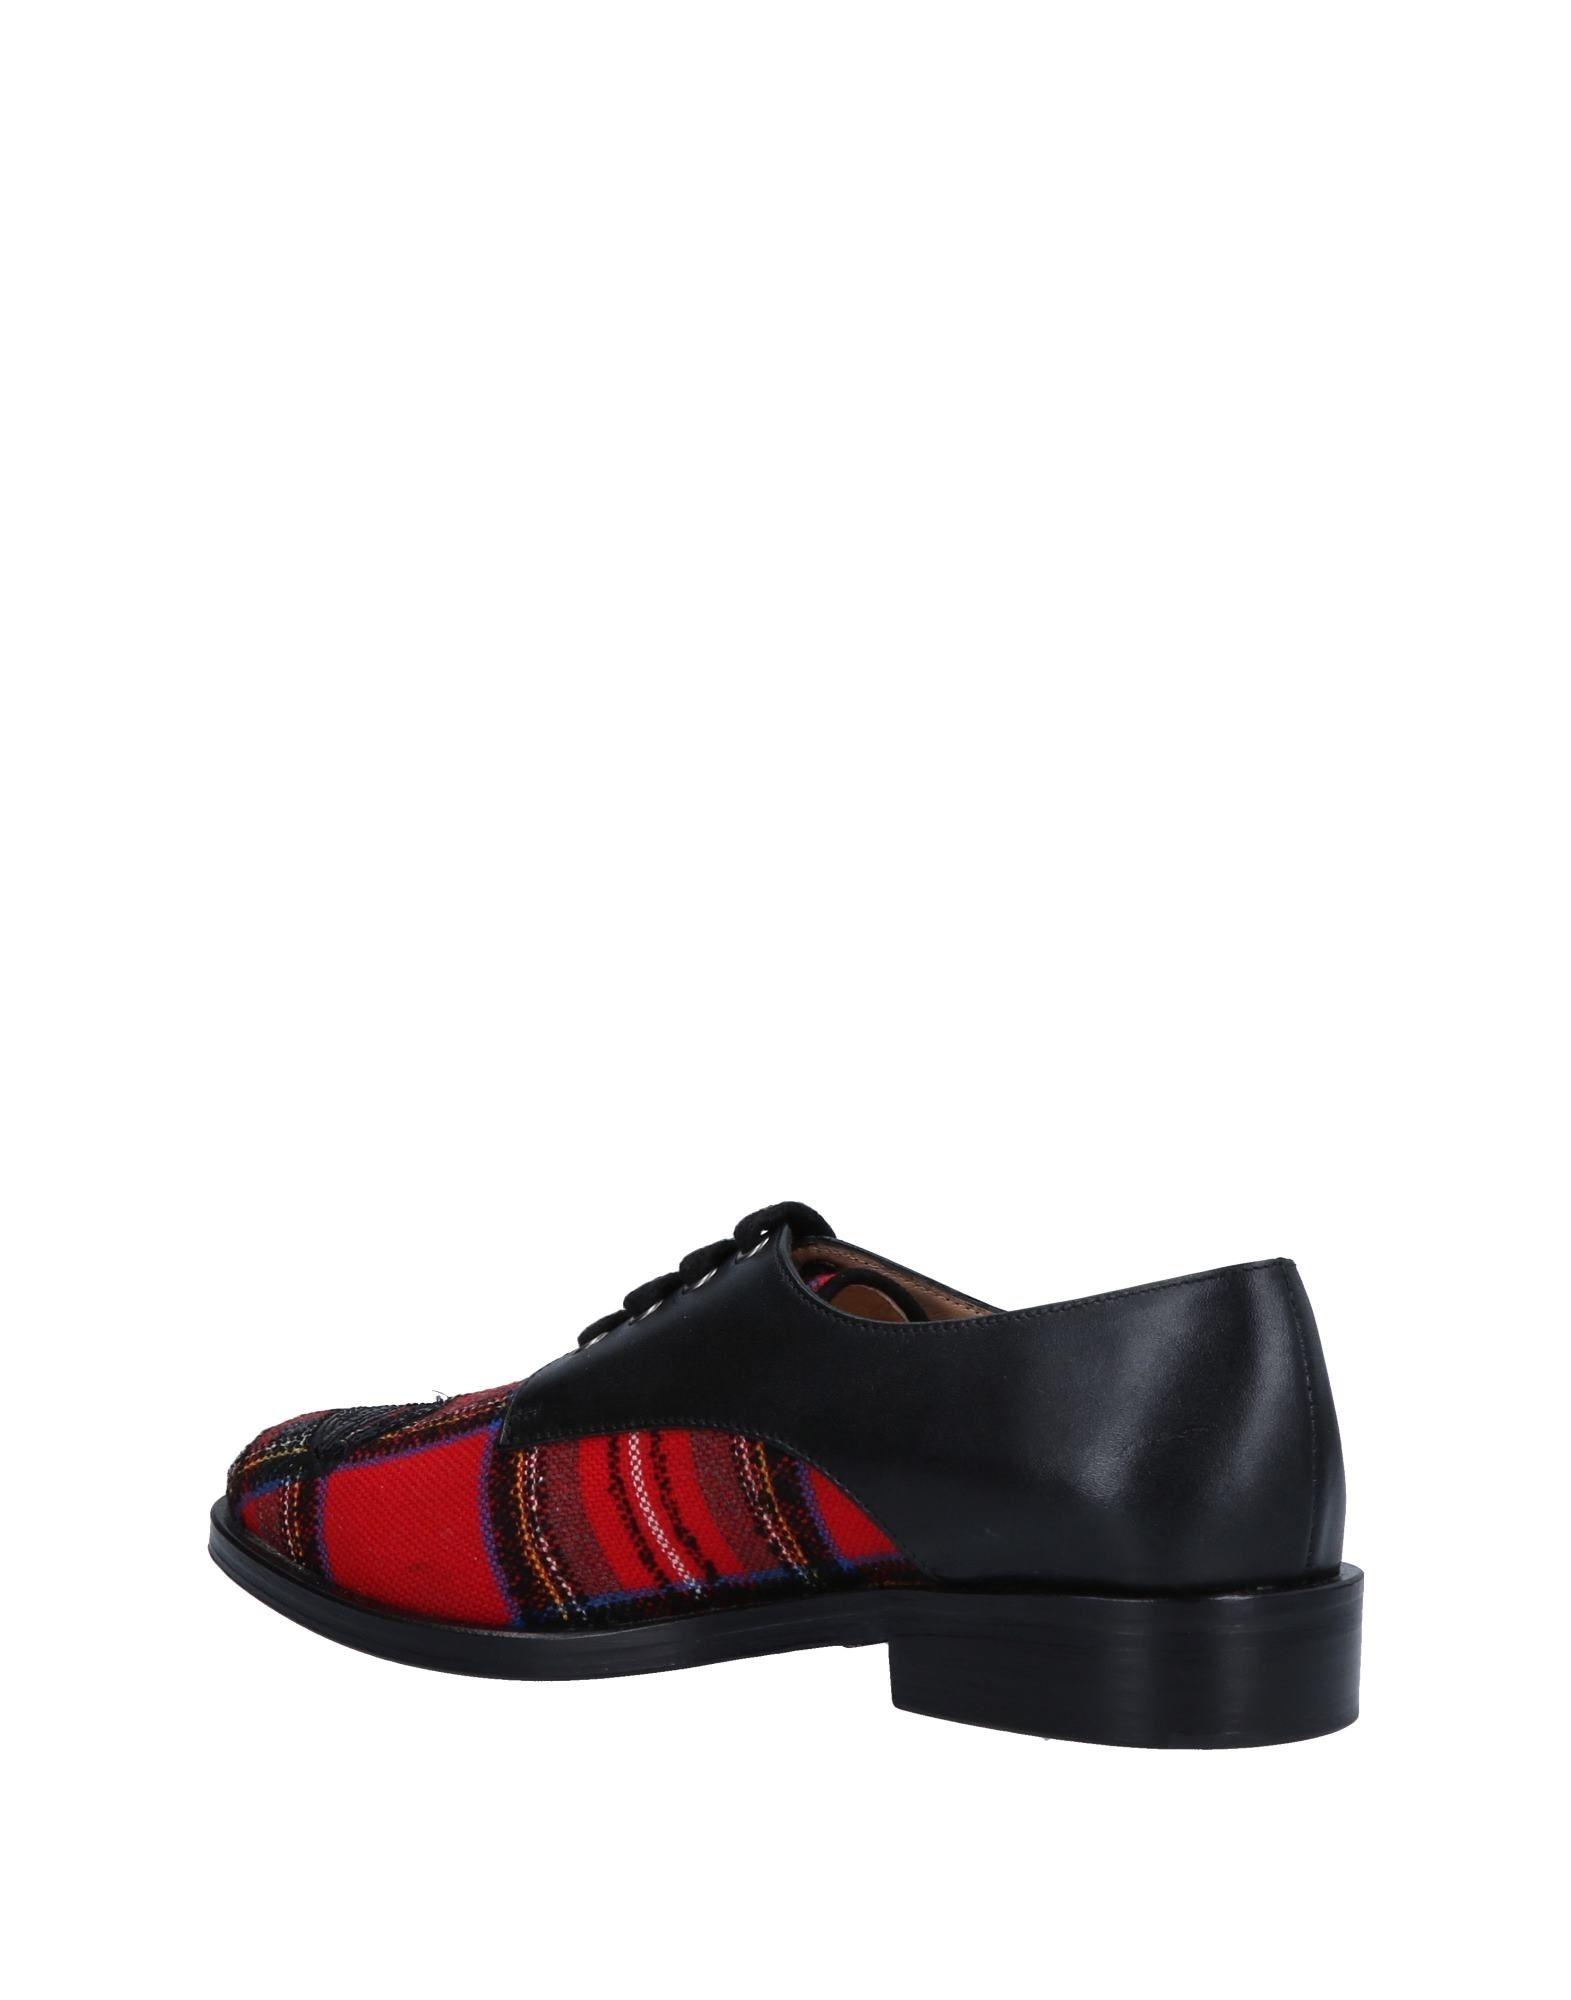 Stilvolle Lupfer billige Schuhe Markus Lupfer Stilvolle Schnürschuhe Damen  11519065OR 3afac3